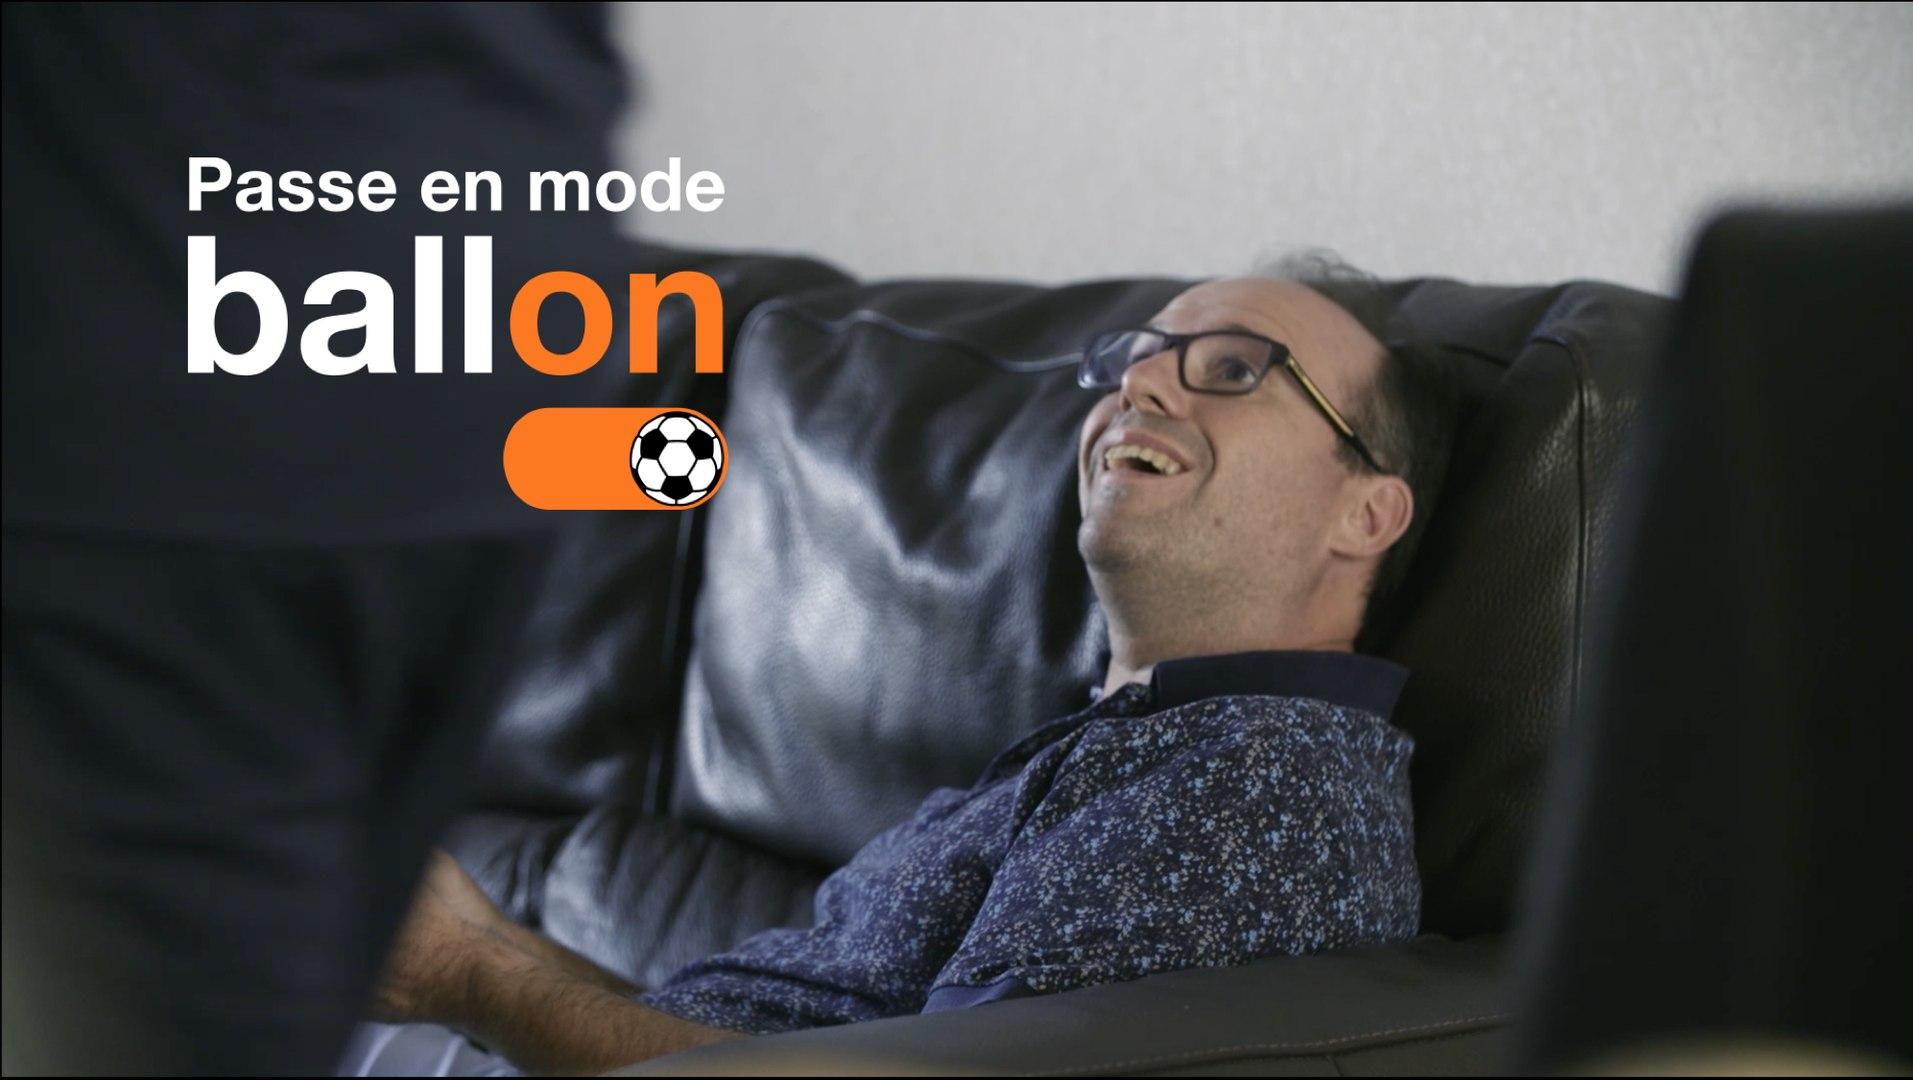 Passe en mode ballon, tu vas être trop content - Orange